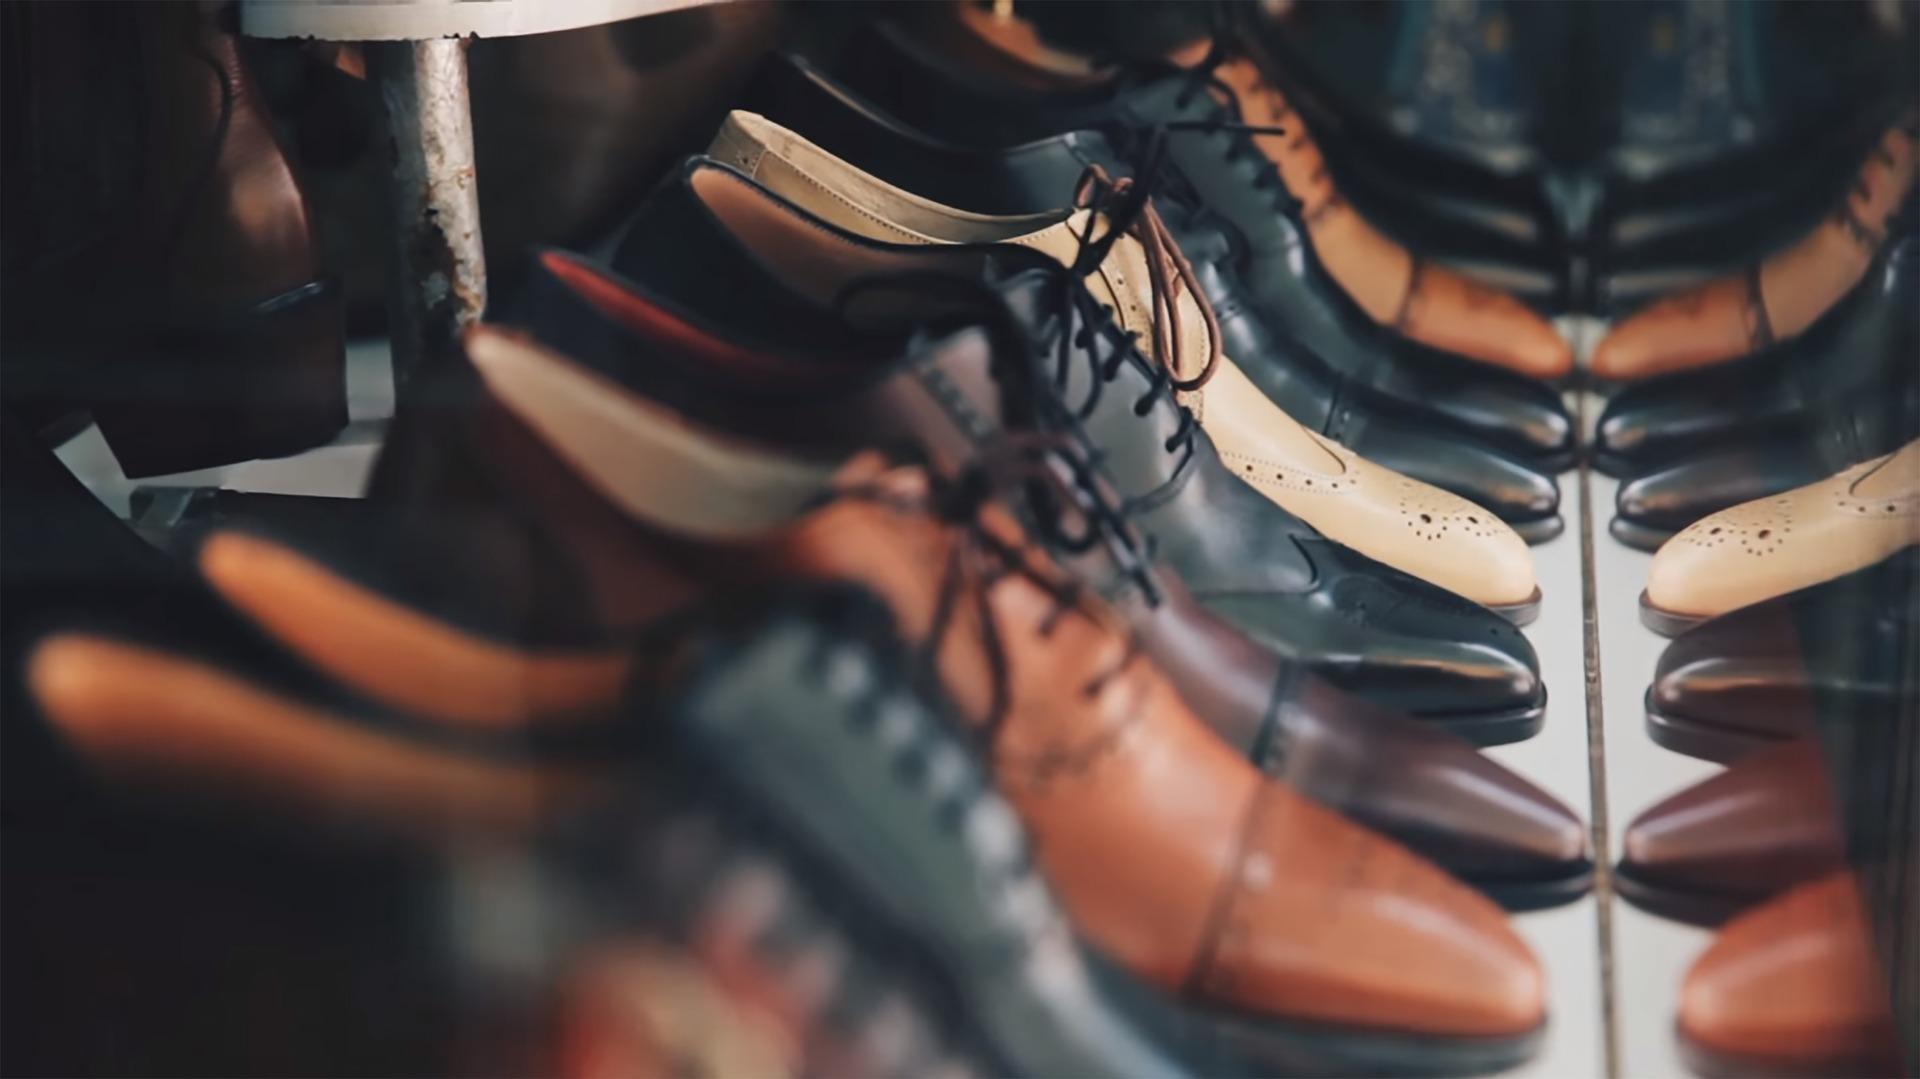 Ile par butów zabrać na wakacje?